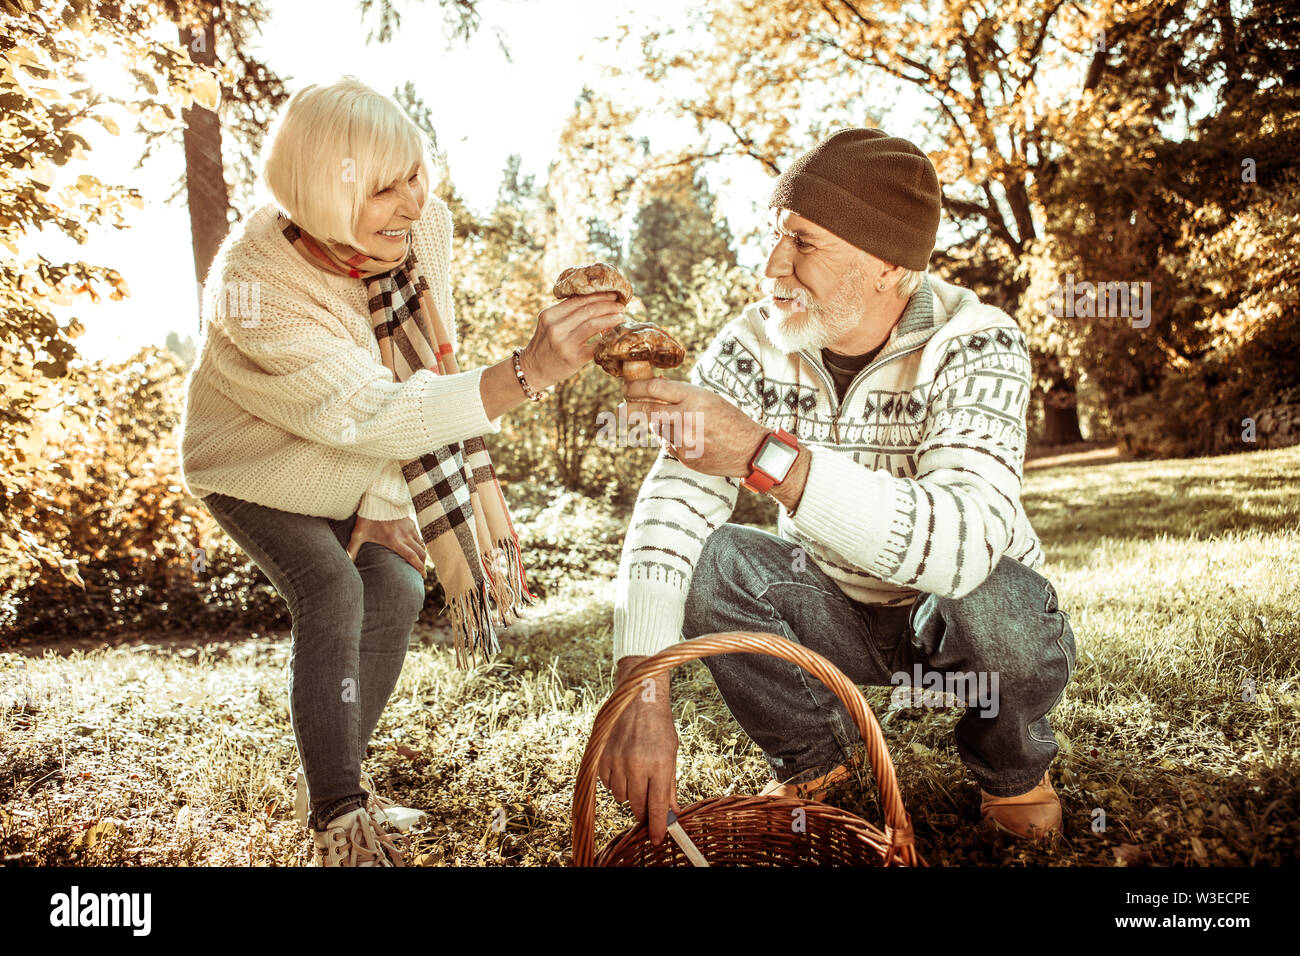 Mari et femme tenant des champignons dans la forêt. Photo Stock